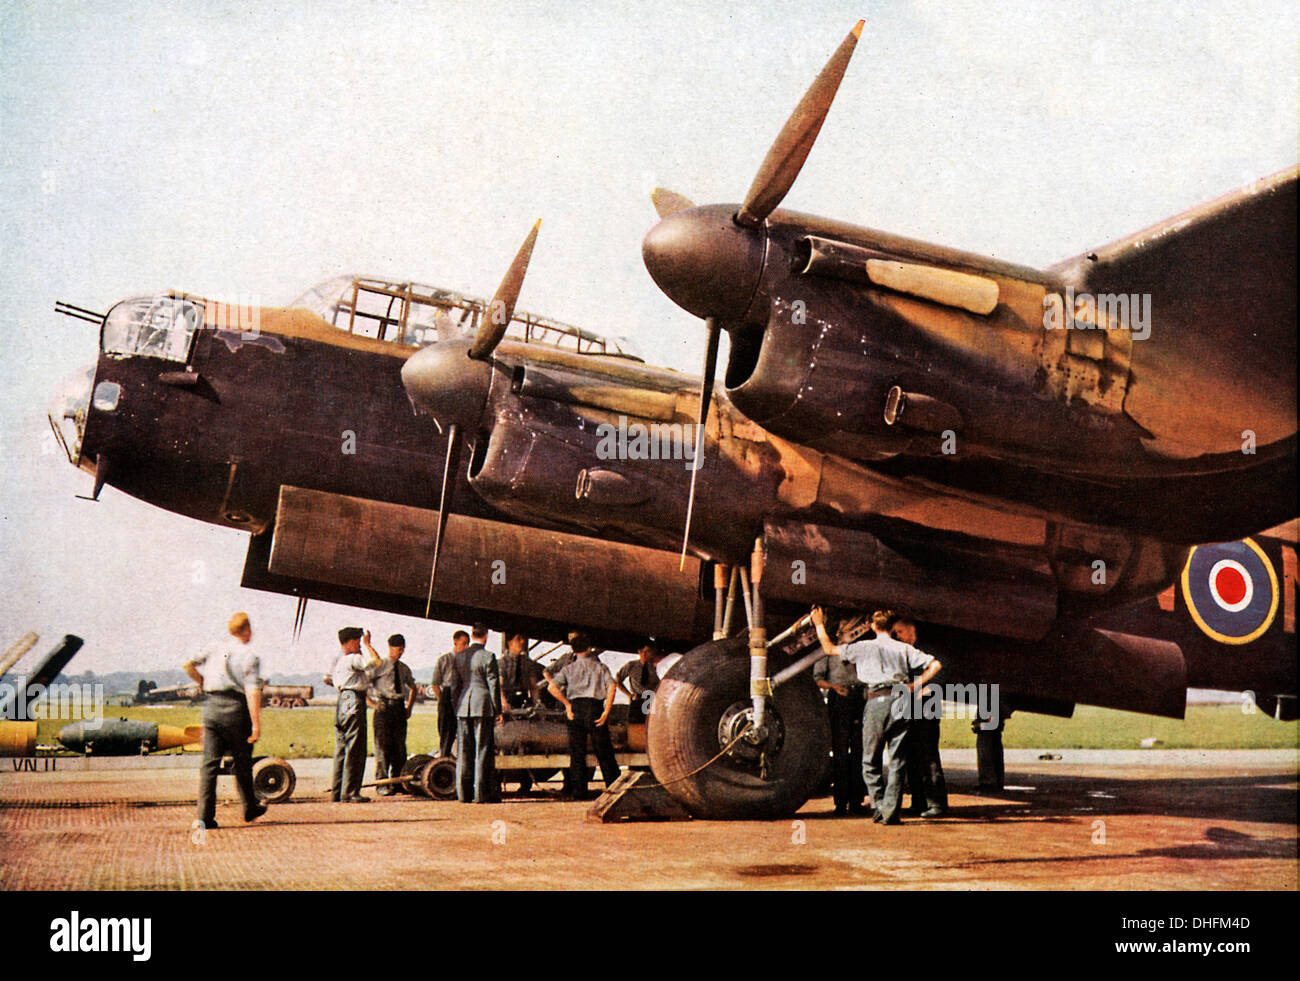 Carregamento de um bombardeiro de Lancaster, 1942 fotografia a cores da icónica raf do bombardeiro pesado bombardeio Imagens de Stock